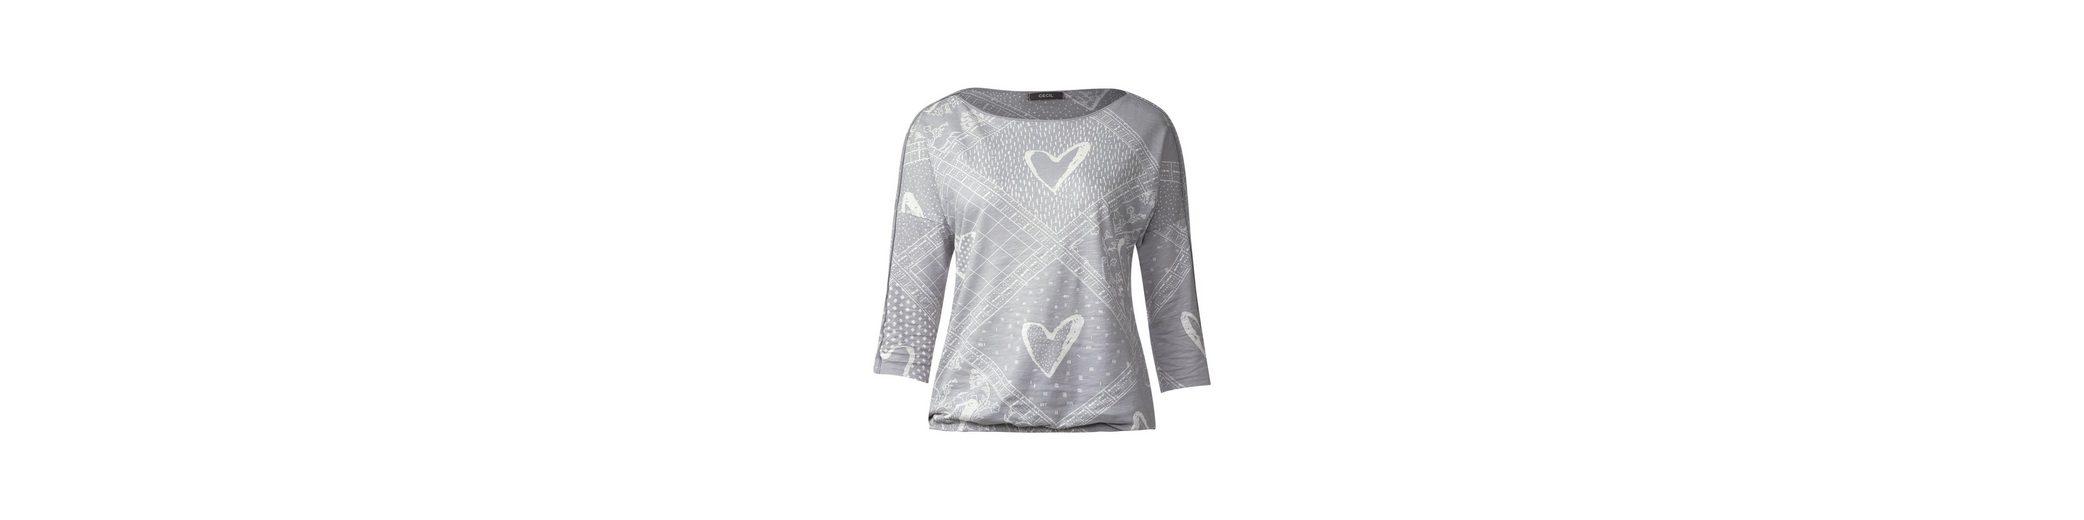 Billig Beste Preise CECIL Patchwork Look Shirt Rabatt Günstig Online Billig Verkauf Großhandelspreis Wie Viel Günstig Online Auslassstellen DEC3VzU15